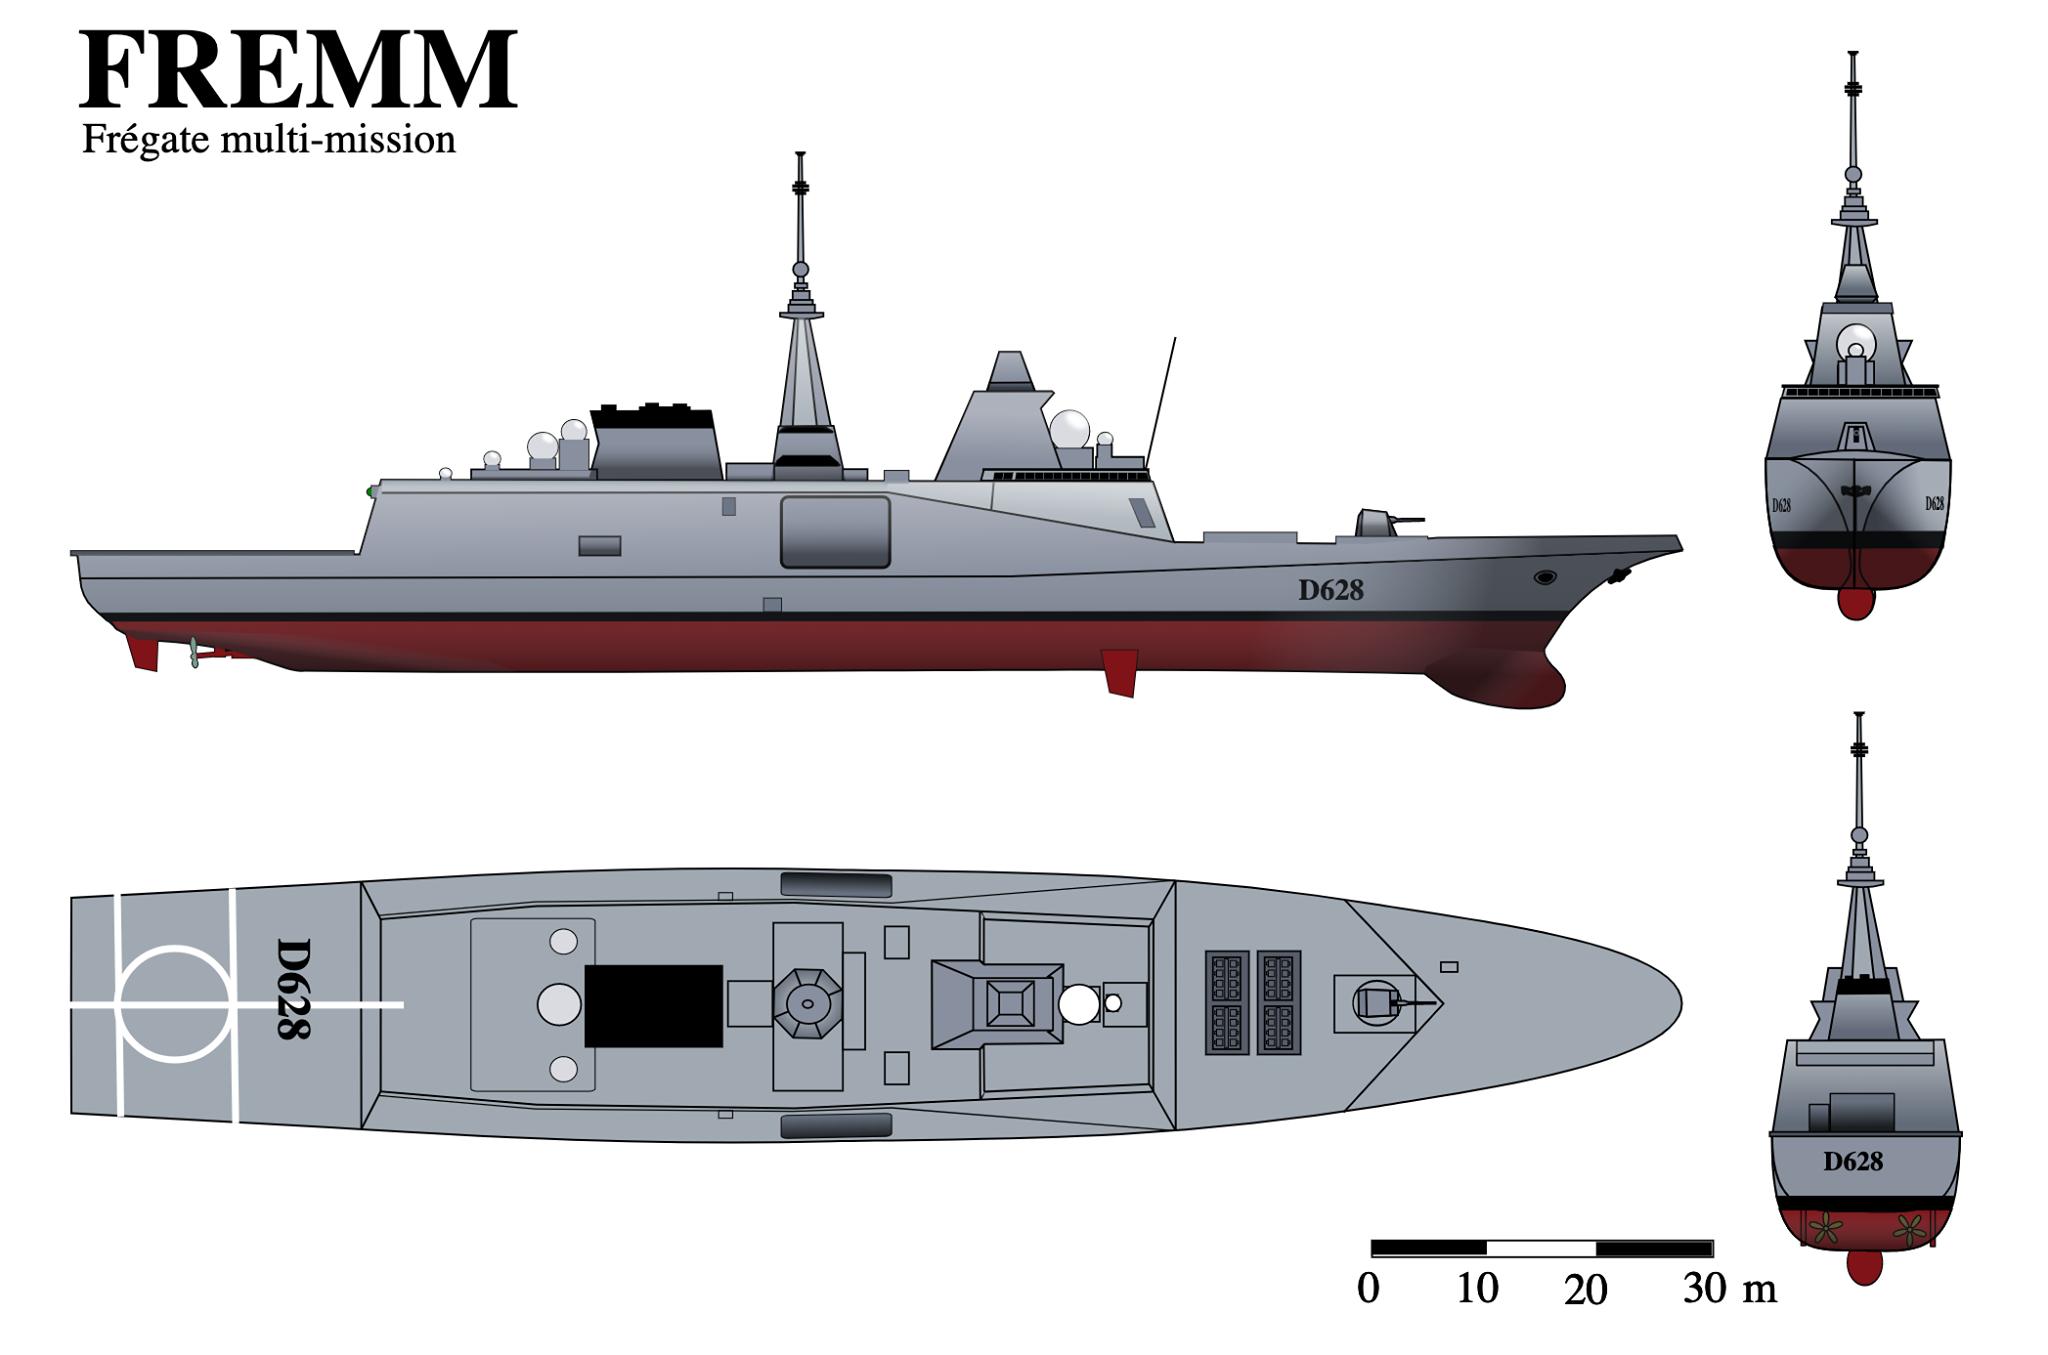 Déploiement des doubles équipages à bord des frégates multimissions :  un signe de renouveau pour la Marine nationale ?